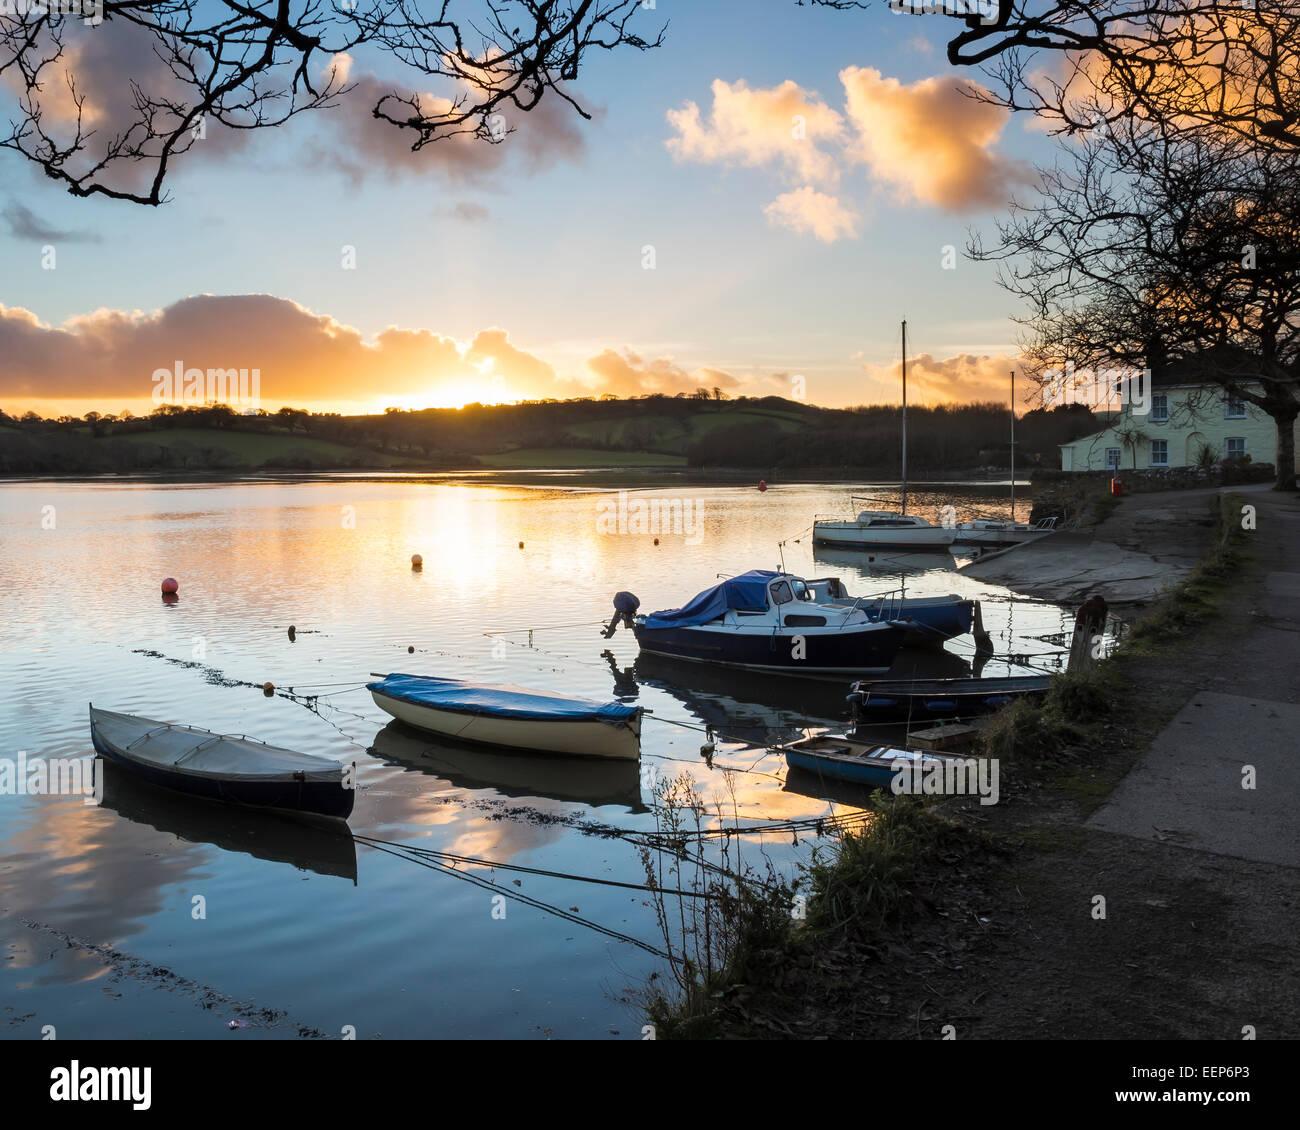 Sunset on the Truro River at Sunny Corner Malpas England UK Europe - Stock Image